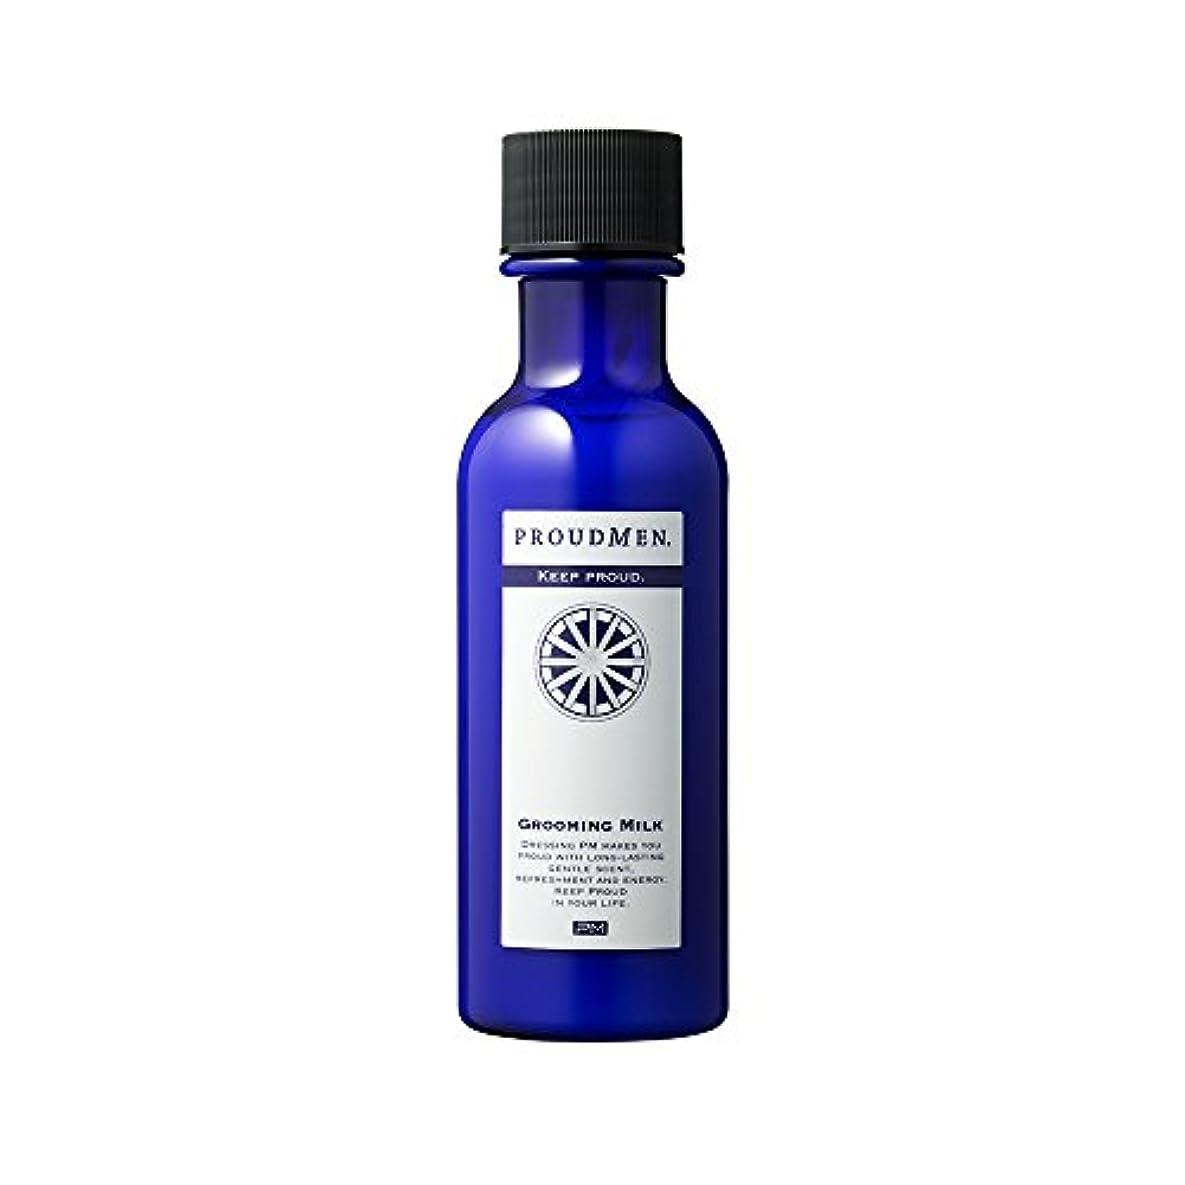 上昇地域フォーカスプラウドメン グルーミングミルク 100ml 化粧水 メンズ アフターシェーブ